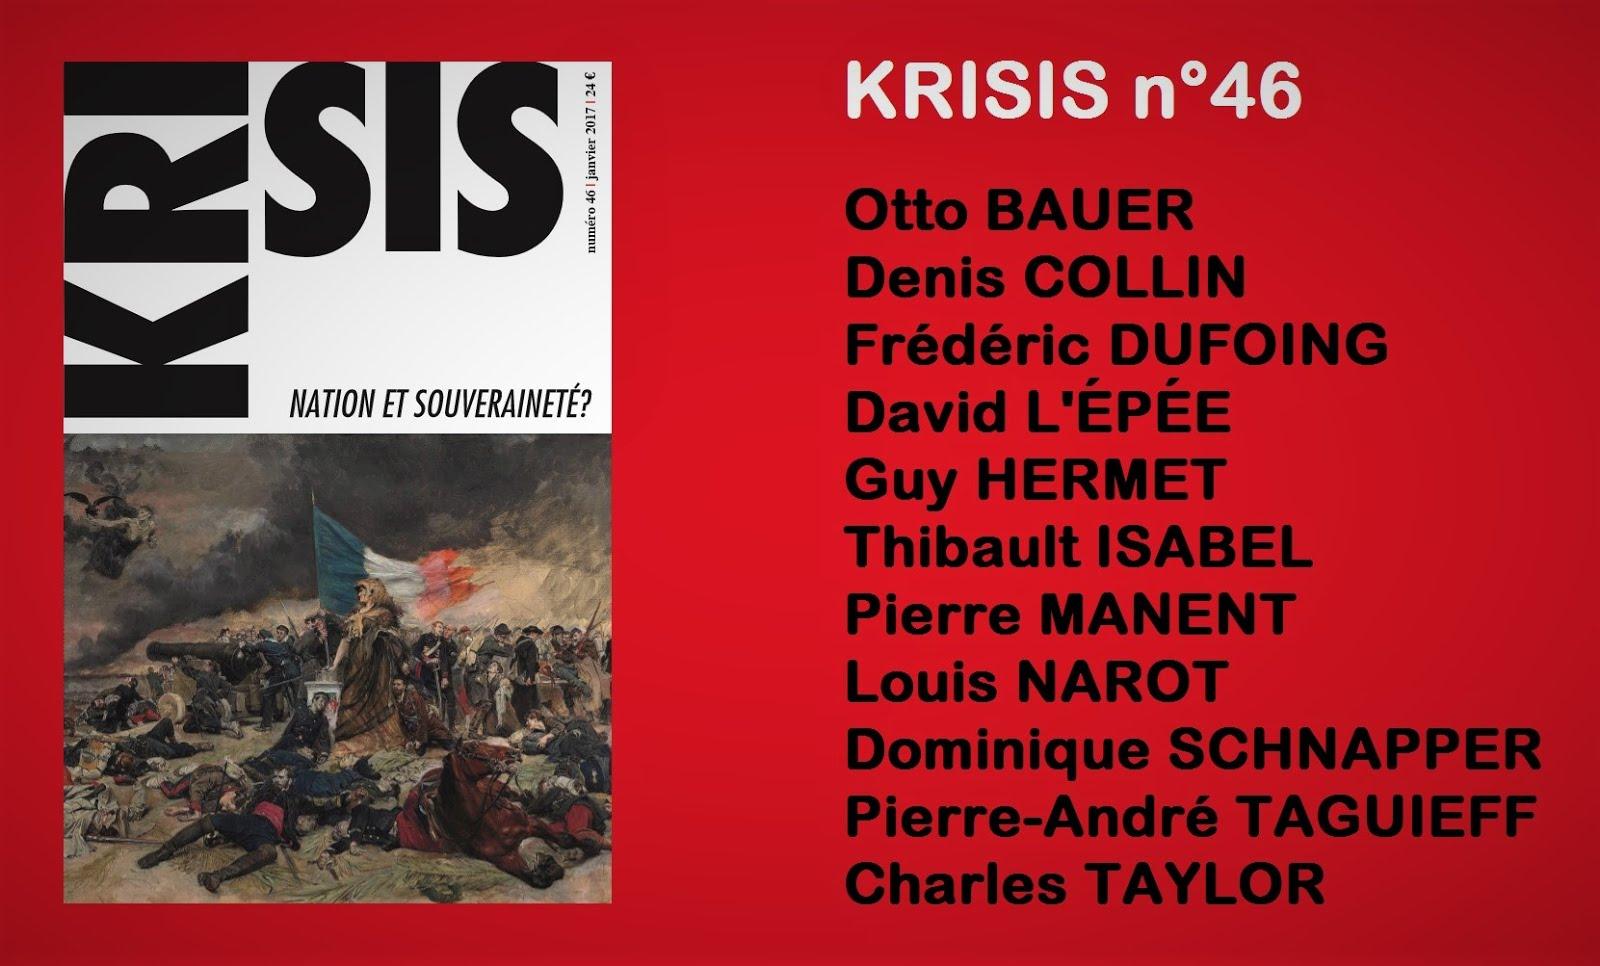 Krisis 46 Nation et souverainété ?